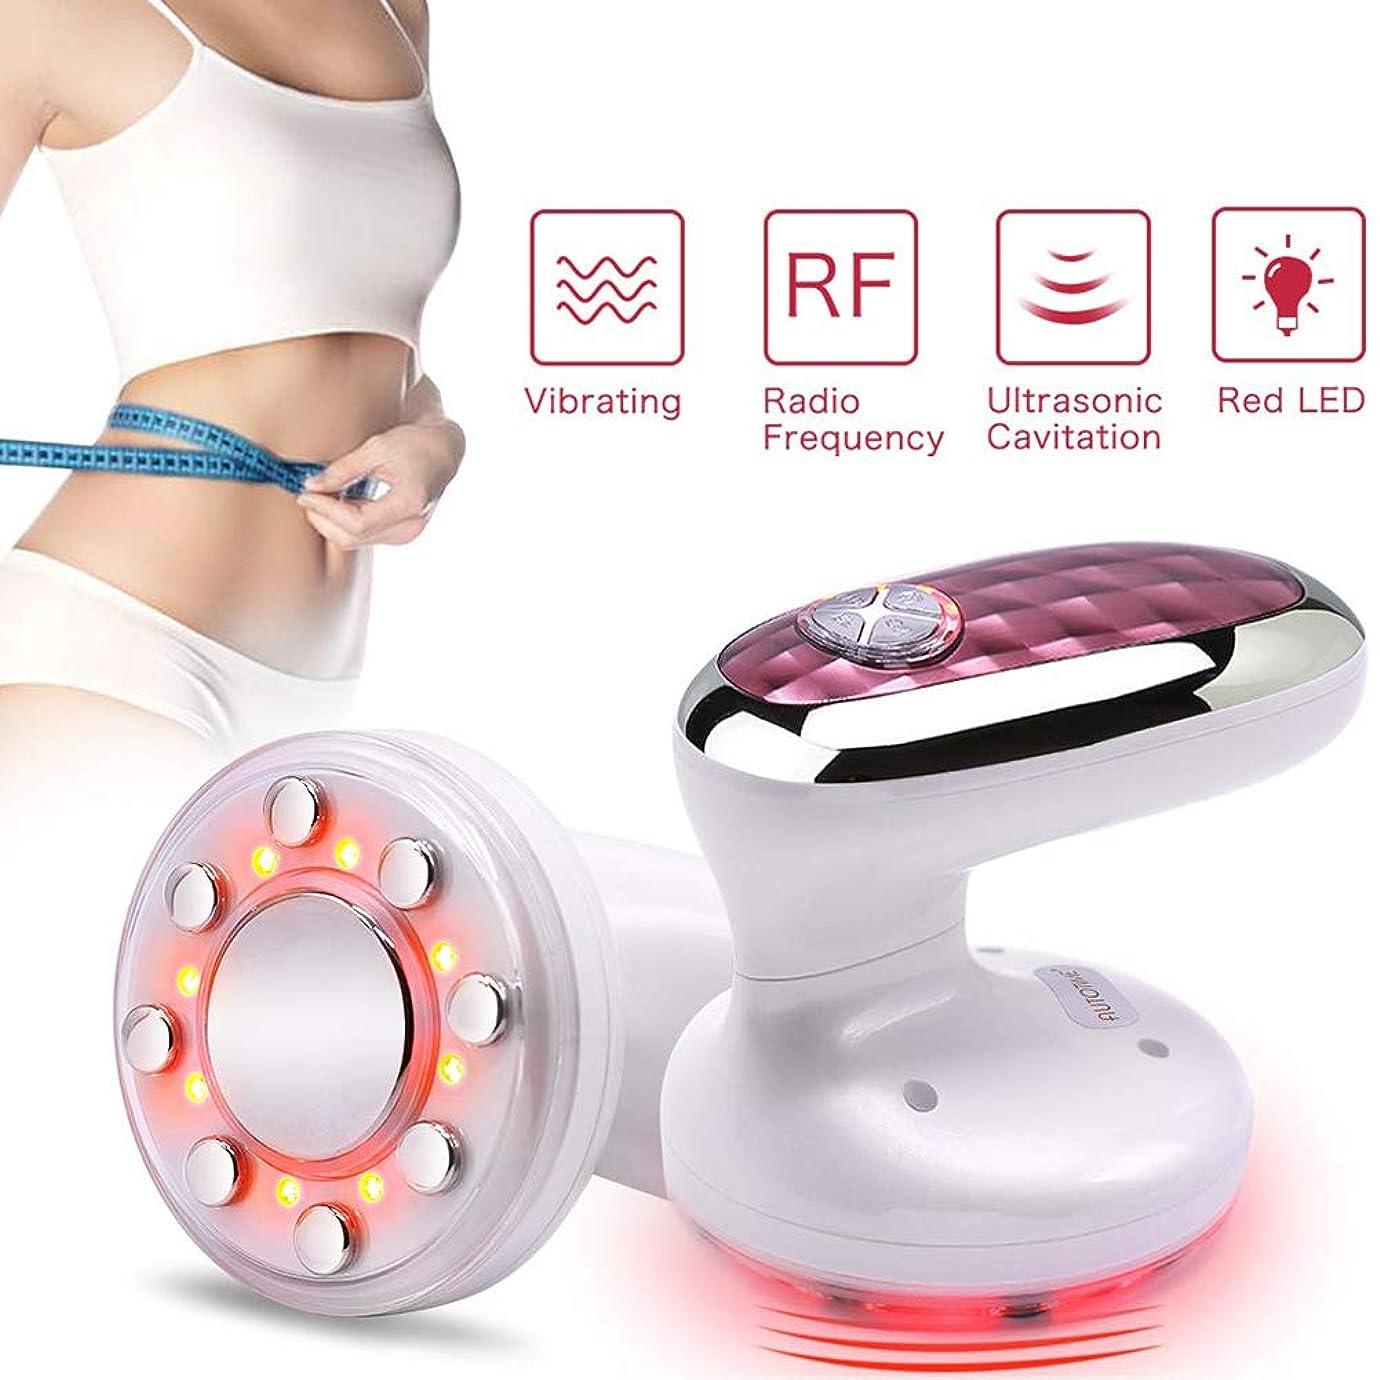 適応的手綱ポケット脂肪除去機、1つの再充電可能な脂肪に付き3つは腕の脚の皮のきつく締まることのための美装置を取除きます